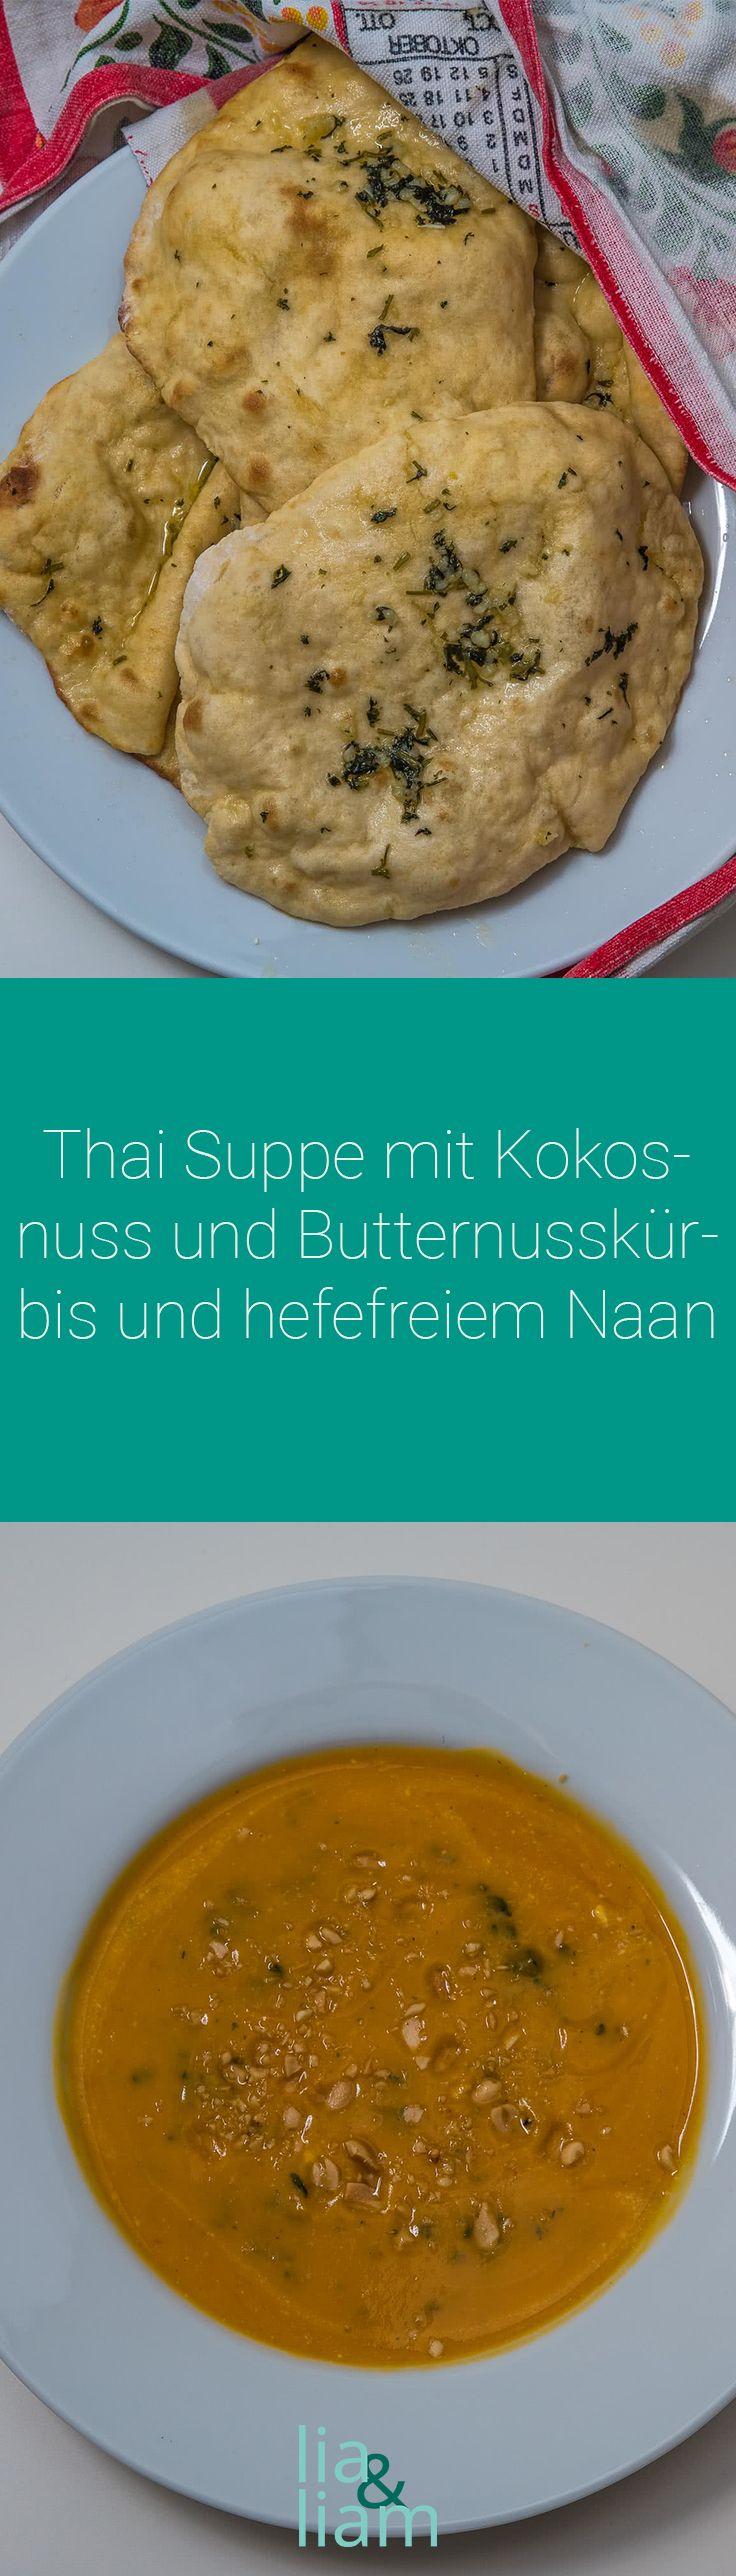 Thai Suppe mit Kokosnuss und Butternusskürbis und hefefreiem Naan Rezept - Gesunde asiatische Suppe für kalte Tage  Diese Thai Suppe kombiniert zwei unserer vorherigen Suppen: Man nehme den Kürbis der Kürbissuppe mit Kartoffeln und Karotten und den asiatischen Geschmack der Laksa Suppe mit Reisnudeln. Dabei entsteht eine füllende Suppe, die garantiert den ganzen Abend satt hält.